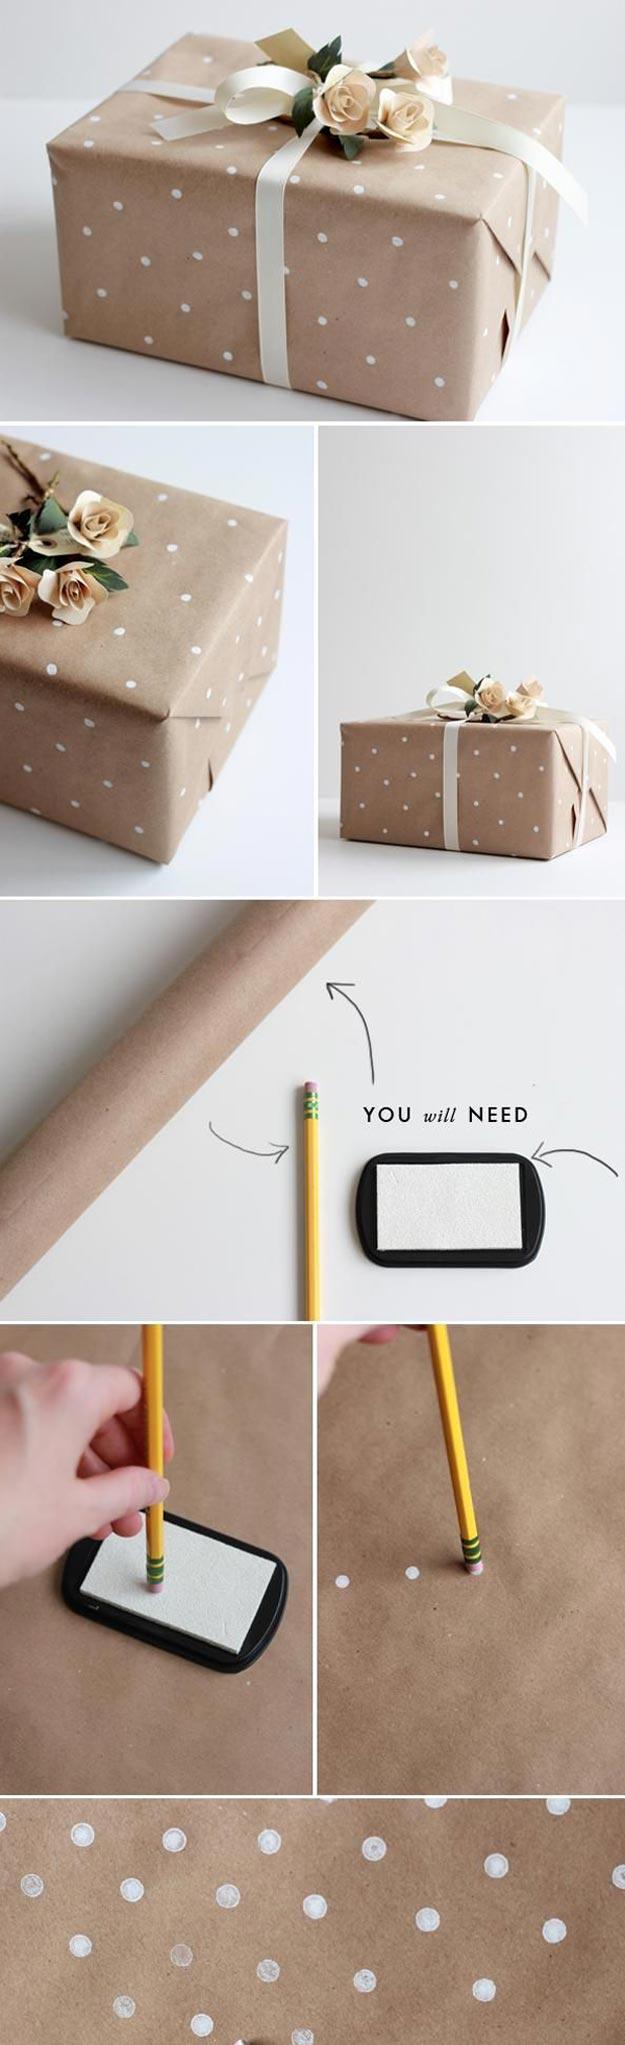 04-maneiras-de-fazer-embrulhos-de-presente-com-papel-kraft